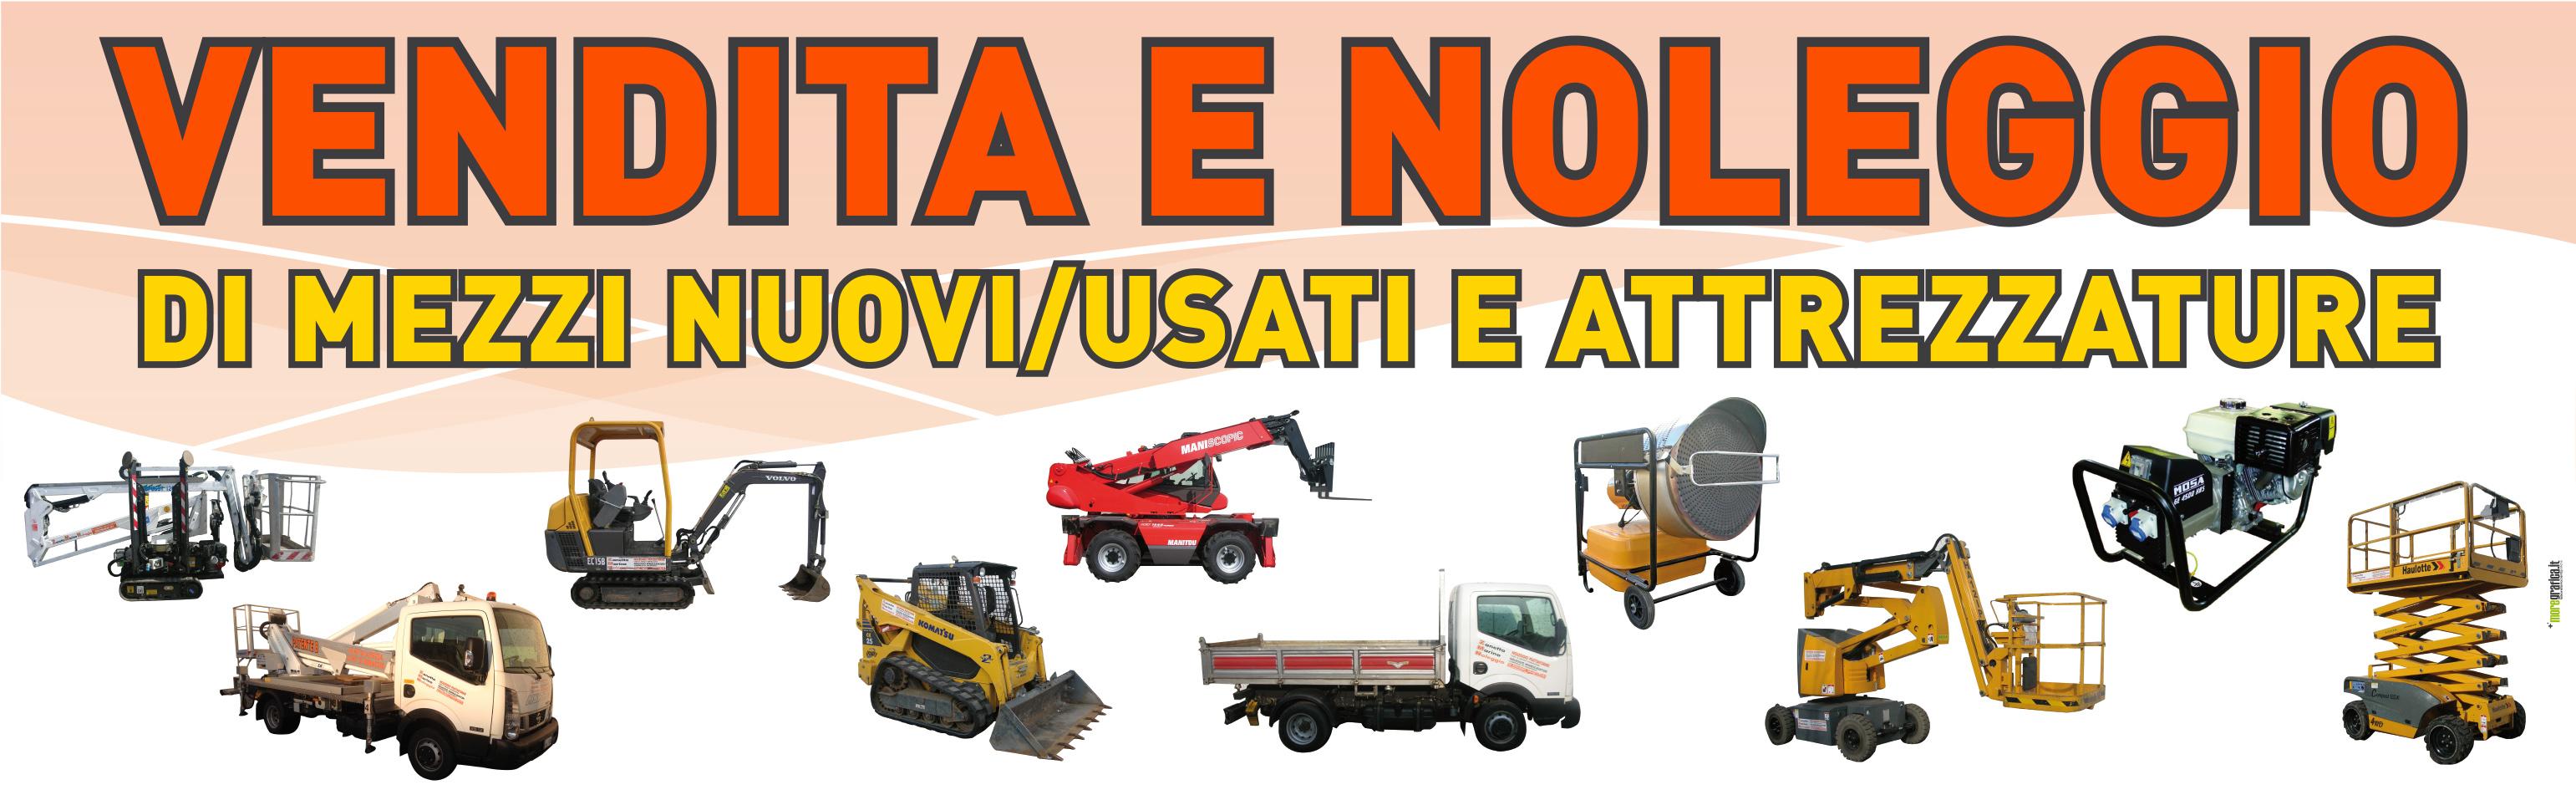 TELO INTERNO 1150_350